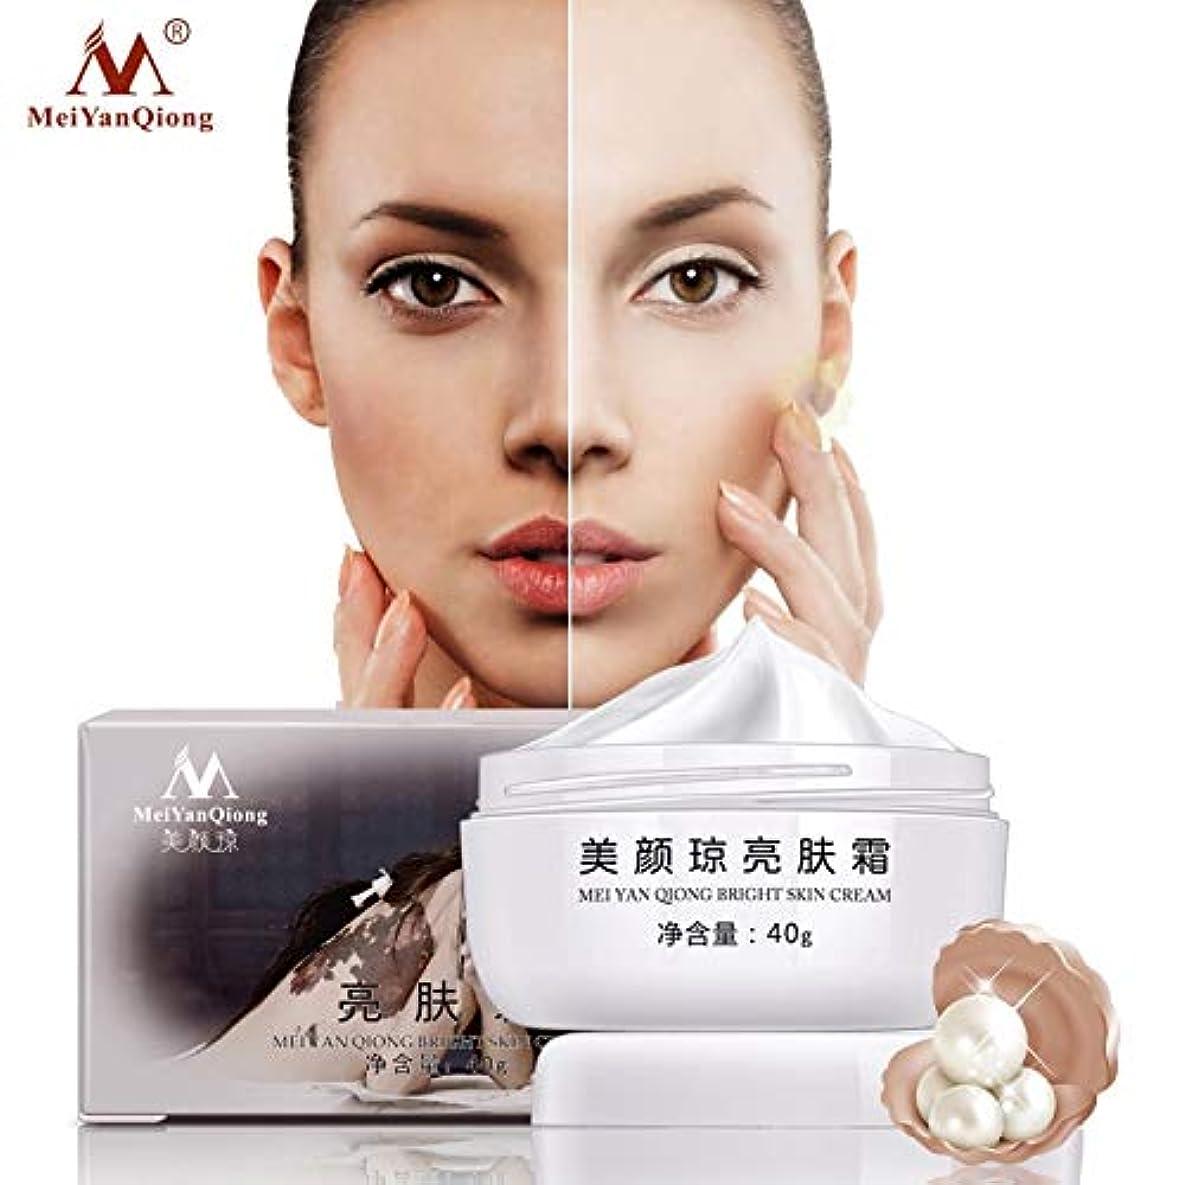 約困難顔料Meiyanqiongフェイスケアクリームダークスポットリムーバーライトニングクリームダークケアアンチそばかす寧クリーム